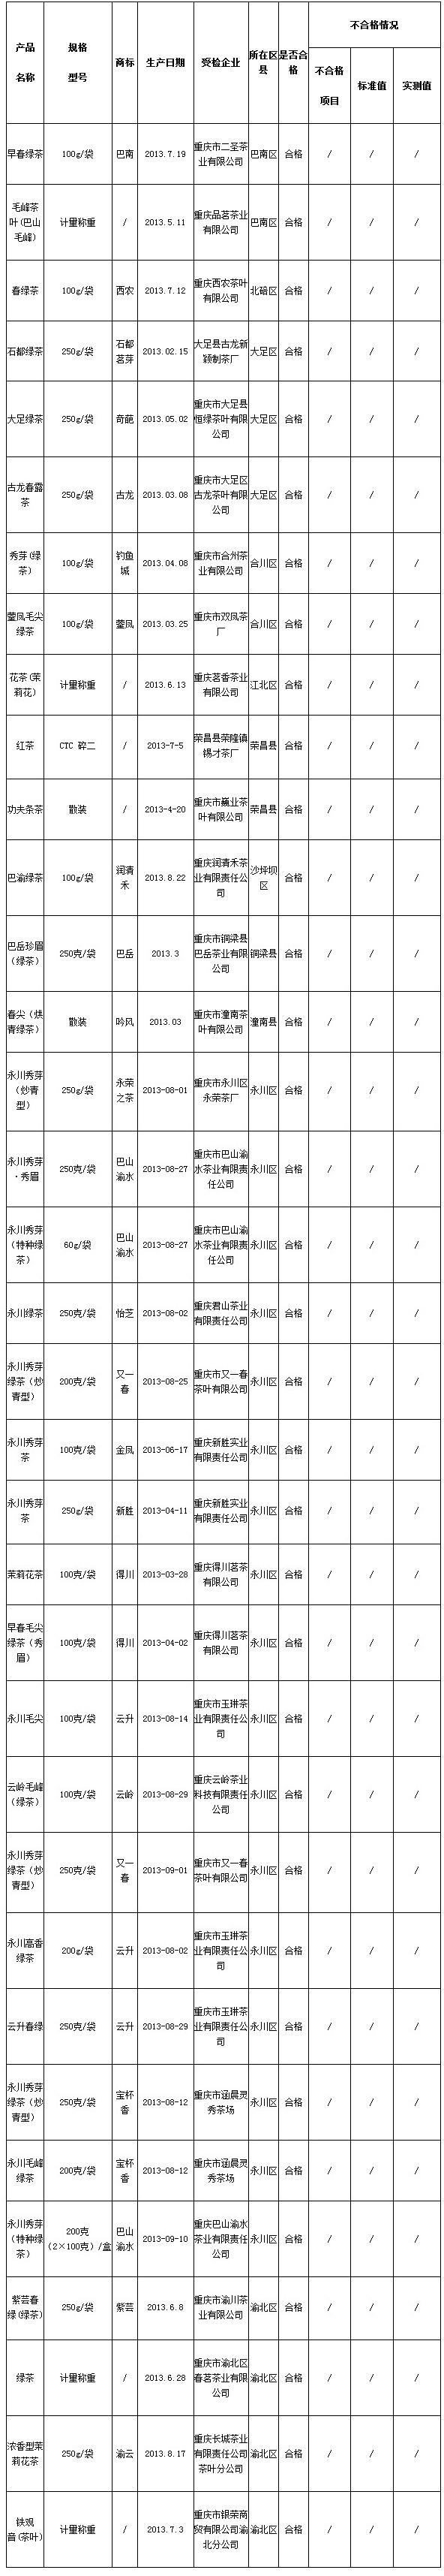 茶叶质量监督抽查合格产品名单